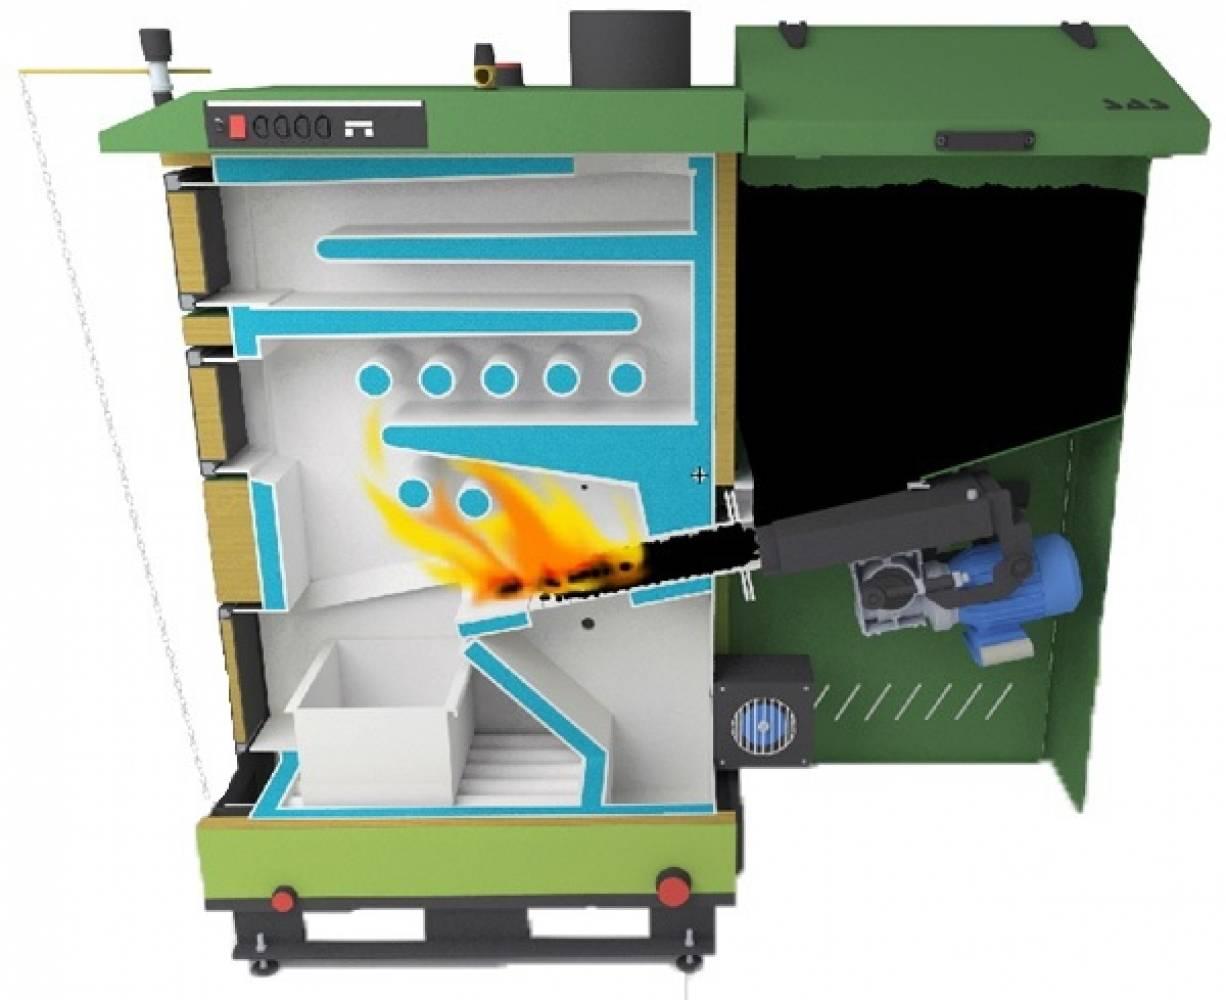 Твердотопливный и газовый котел в одной системе, схемы подключения